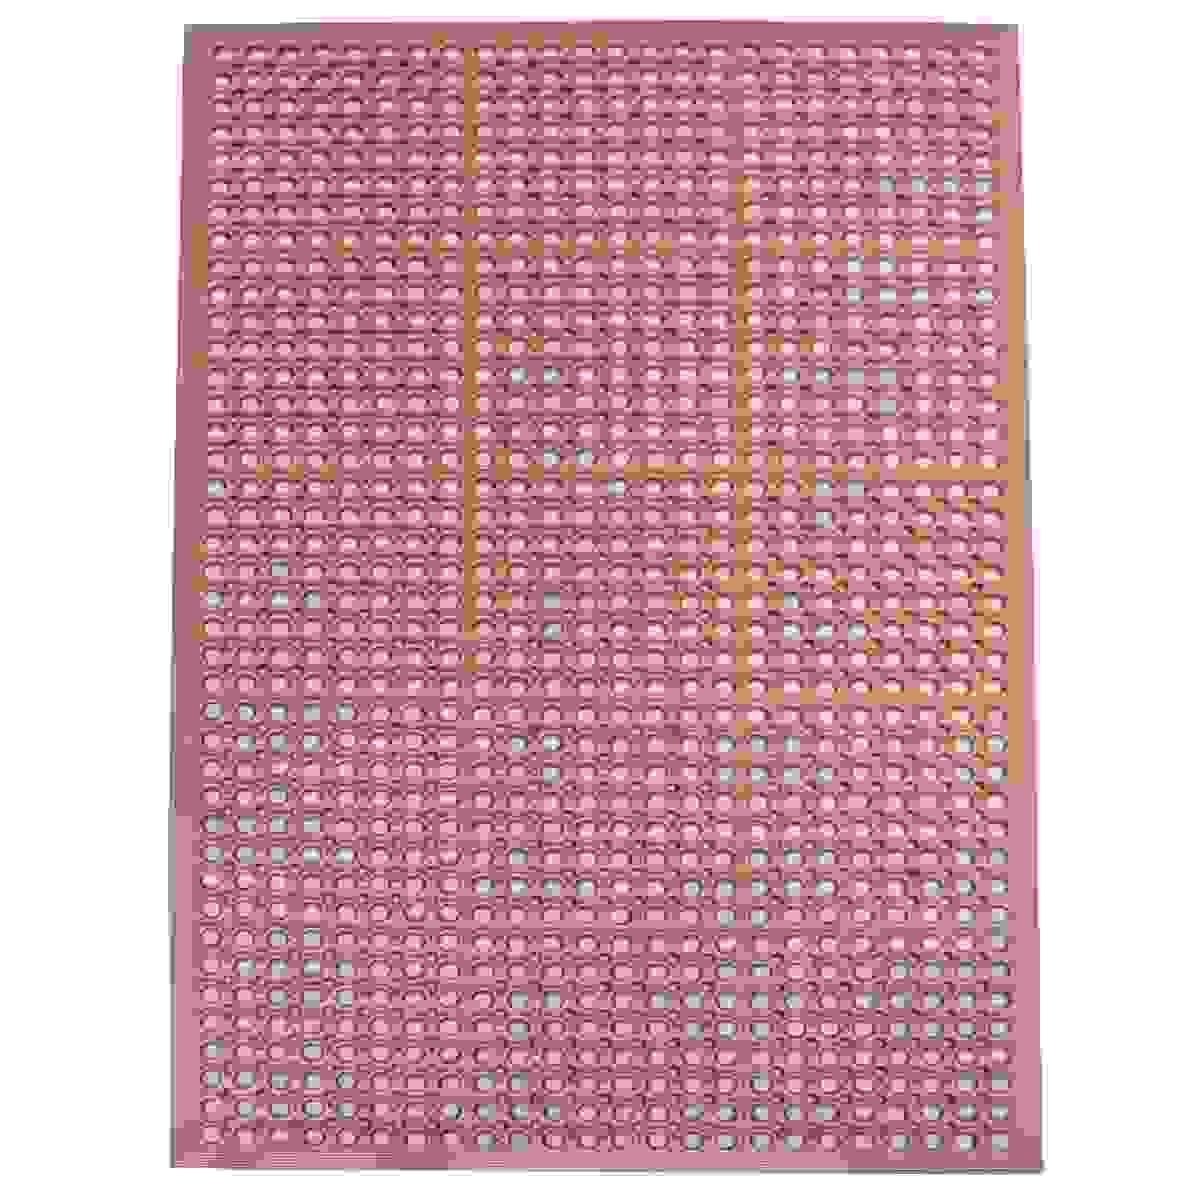 3 x 5 Foot Industrial Rubber Floor Mat - Red